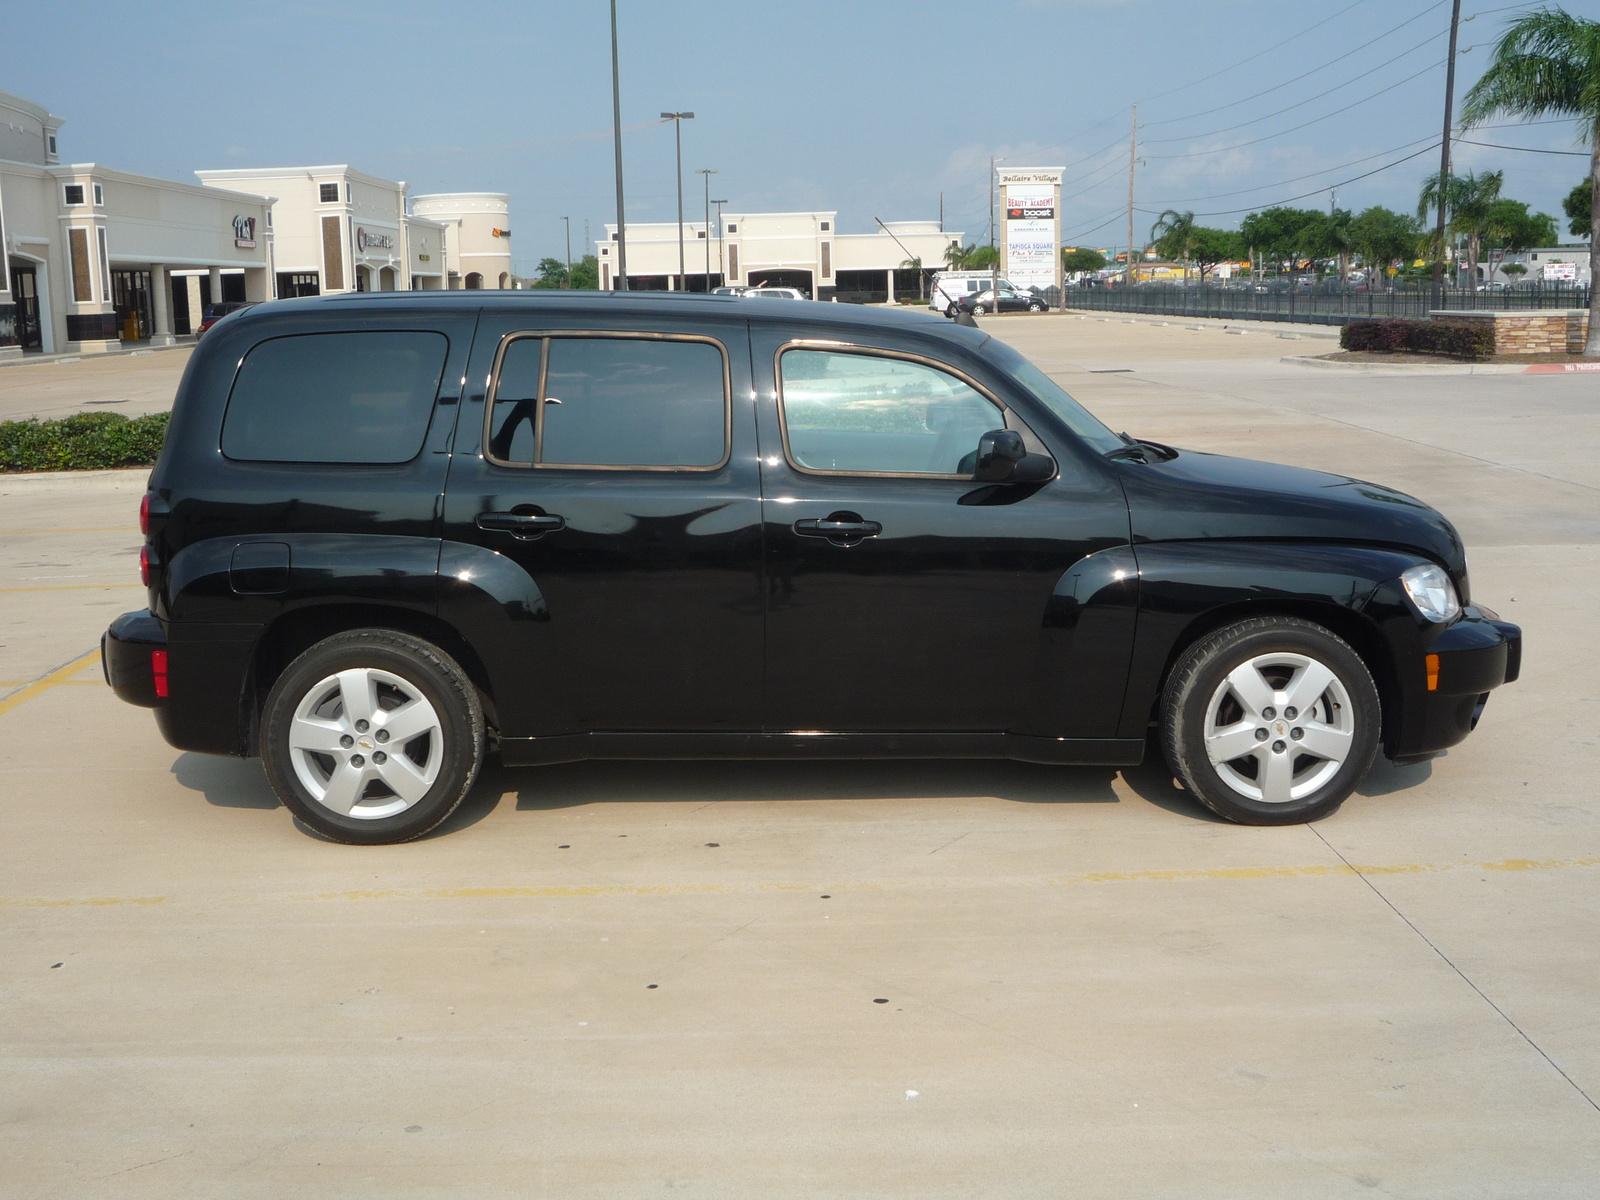 2011 Chevrolet Hhr Problems Defects plaints